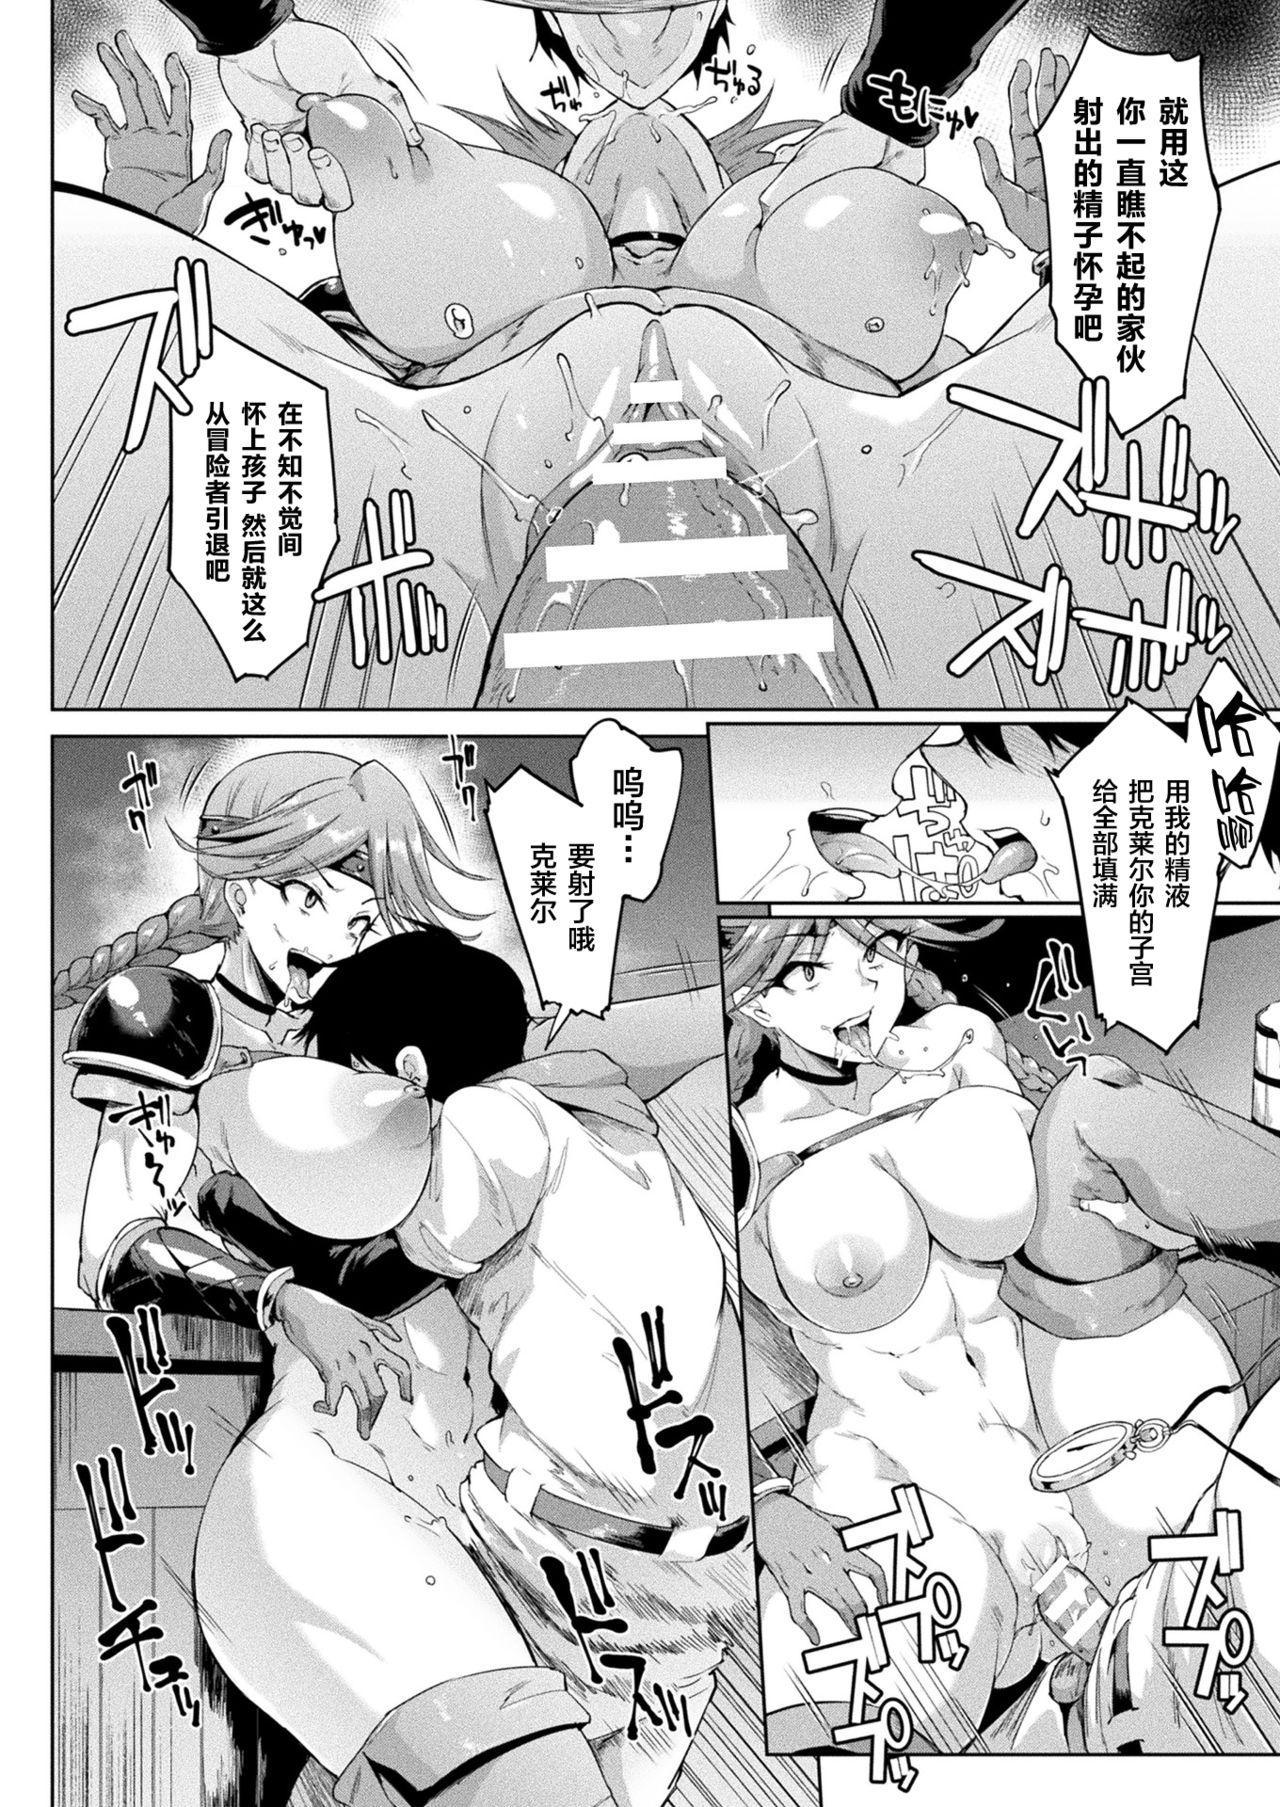 タイムストップファンタジア 前編+中編 11